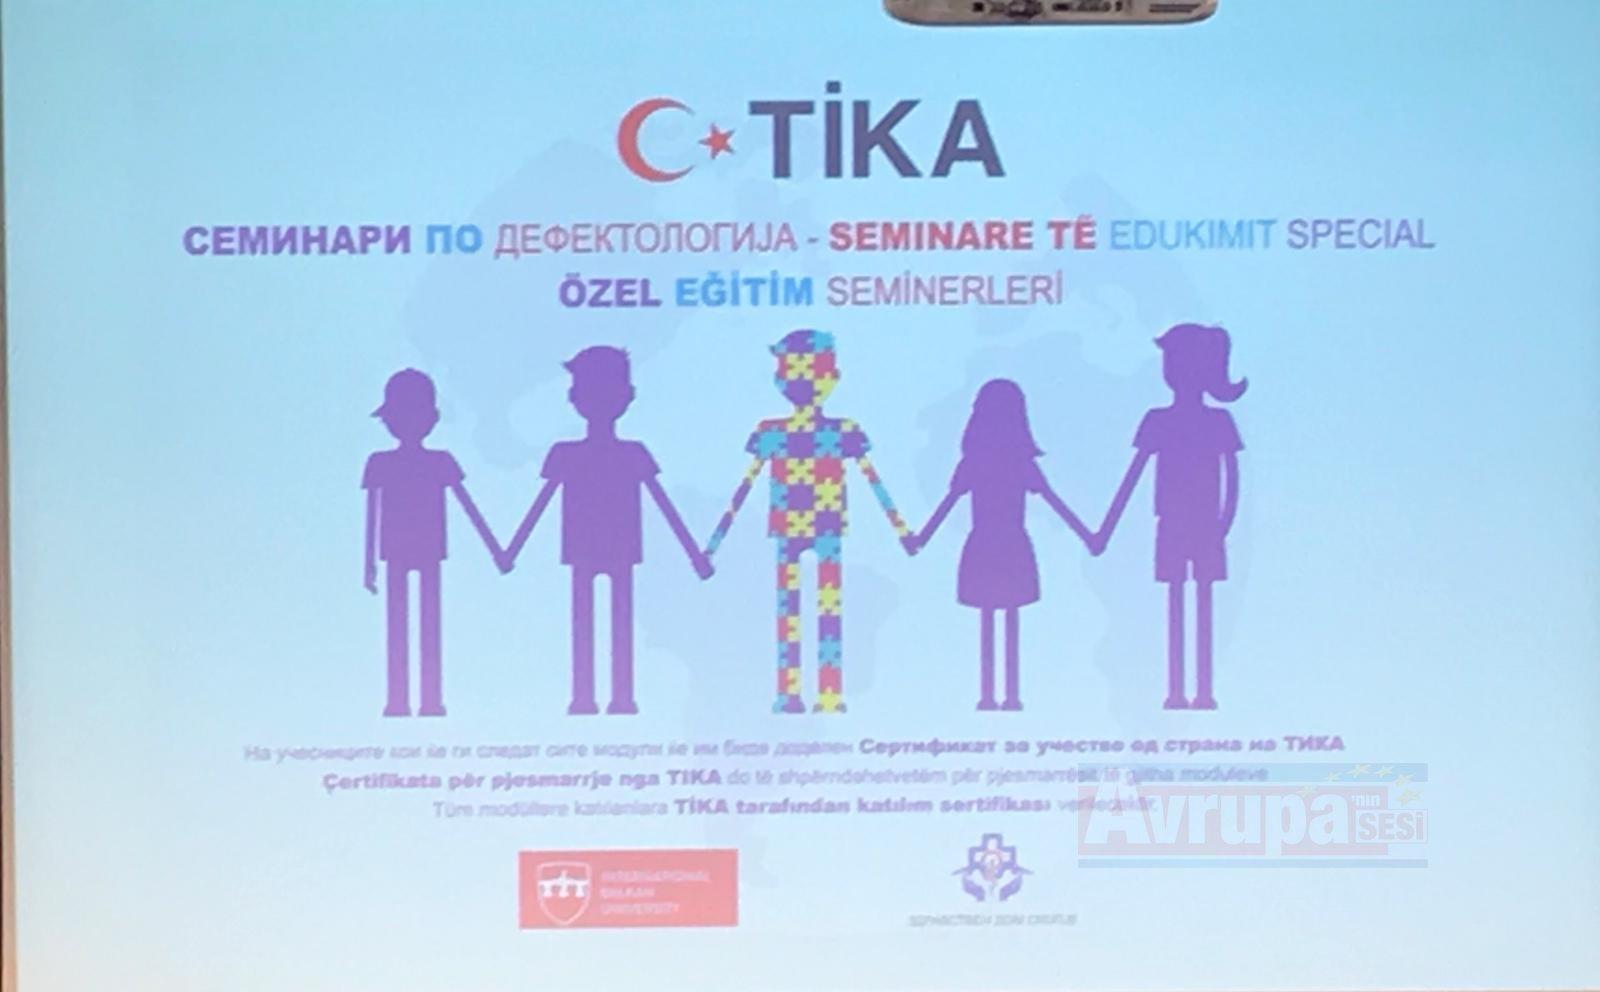 TİKA Balkanlarda eğitim seminerleri başlattı